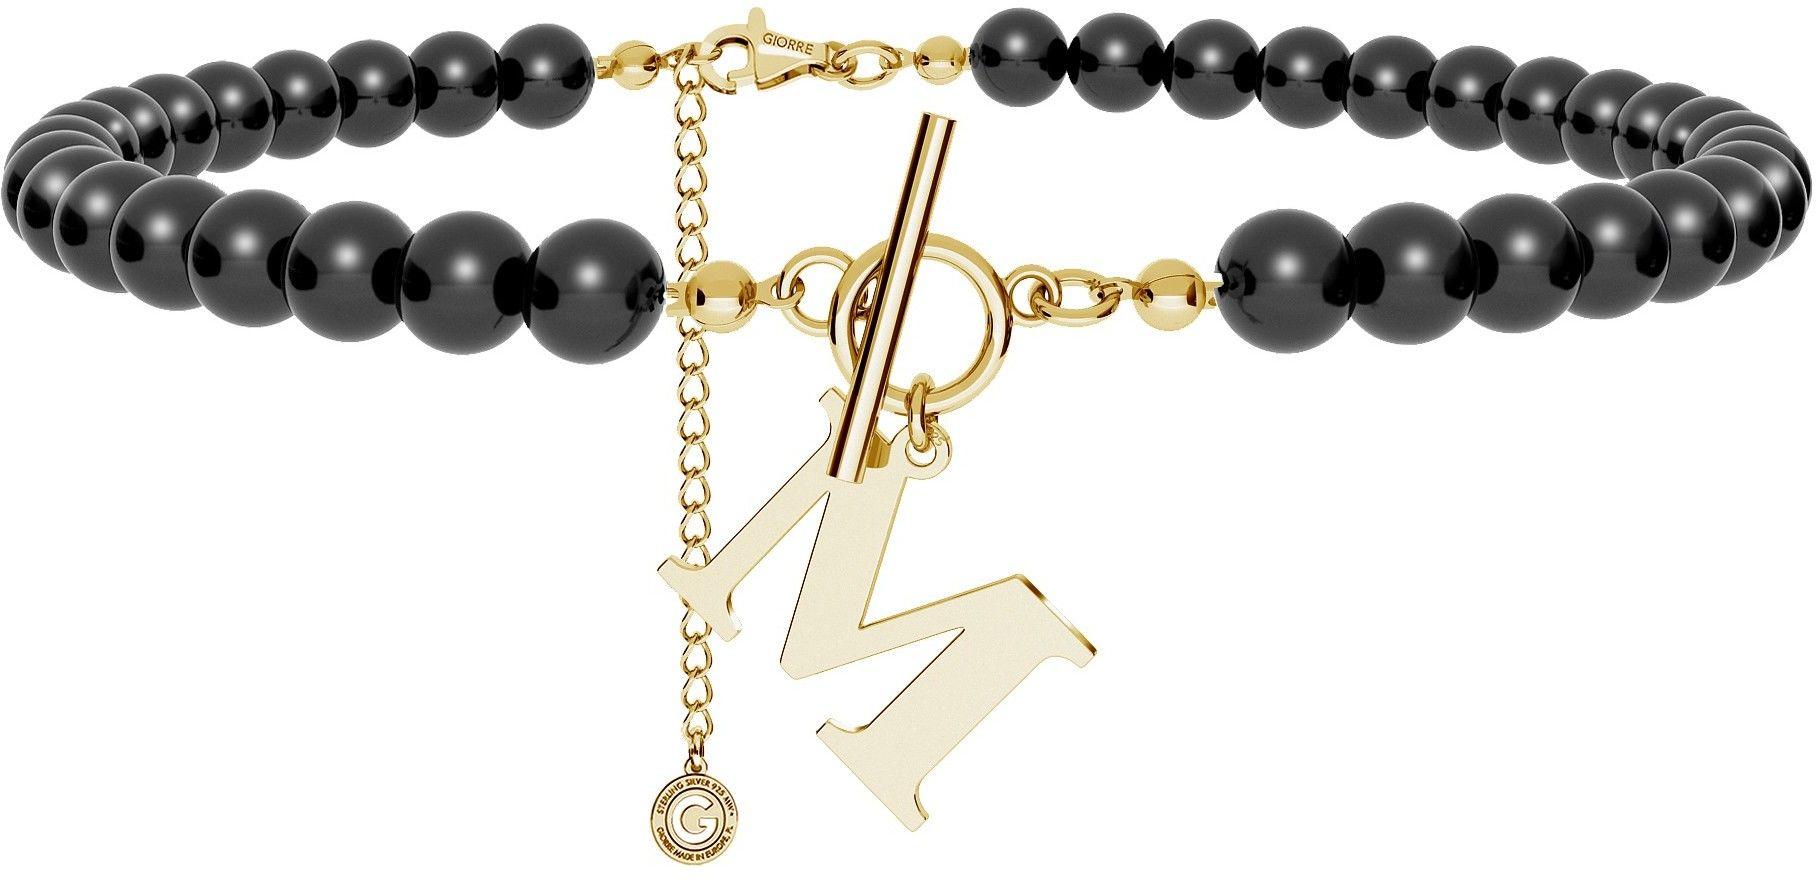 Czarny perłowy choker z dowolną literą, Swarovski, srebro 925 : Litera - B, Srebro - kolor pokrycia - Pokrycie platyną